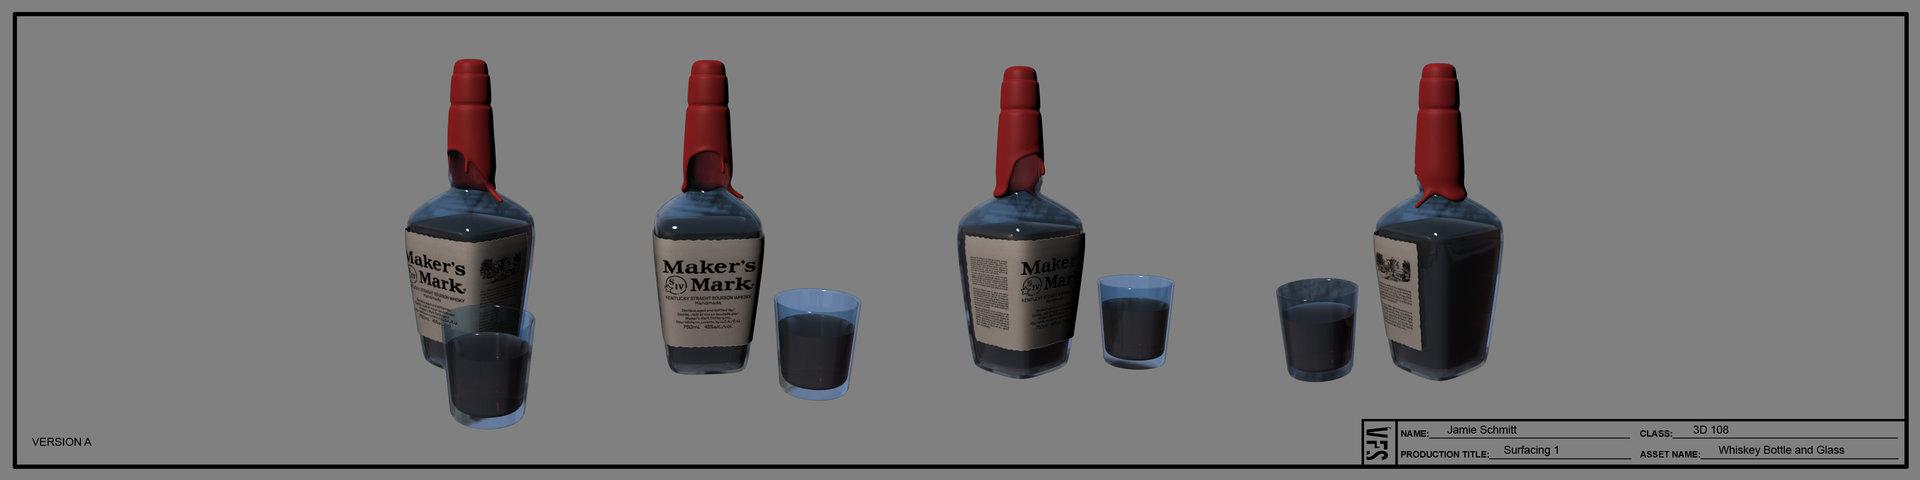 Jamie schmitt 3d108 jamieschmitt stilllife whiskey textured fin